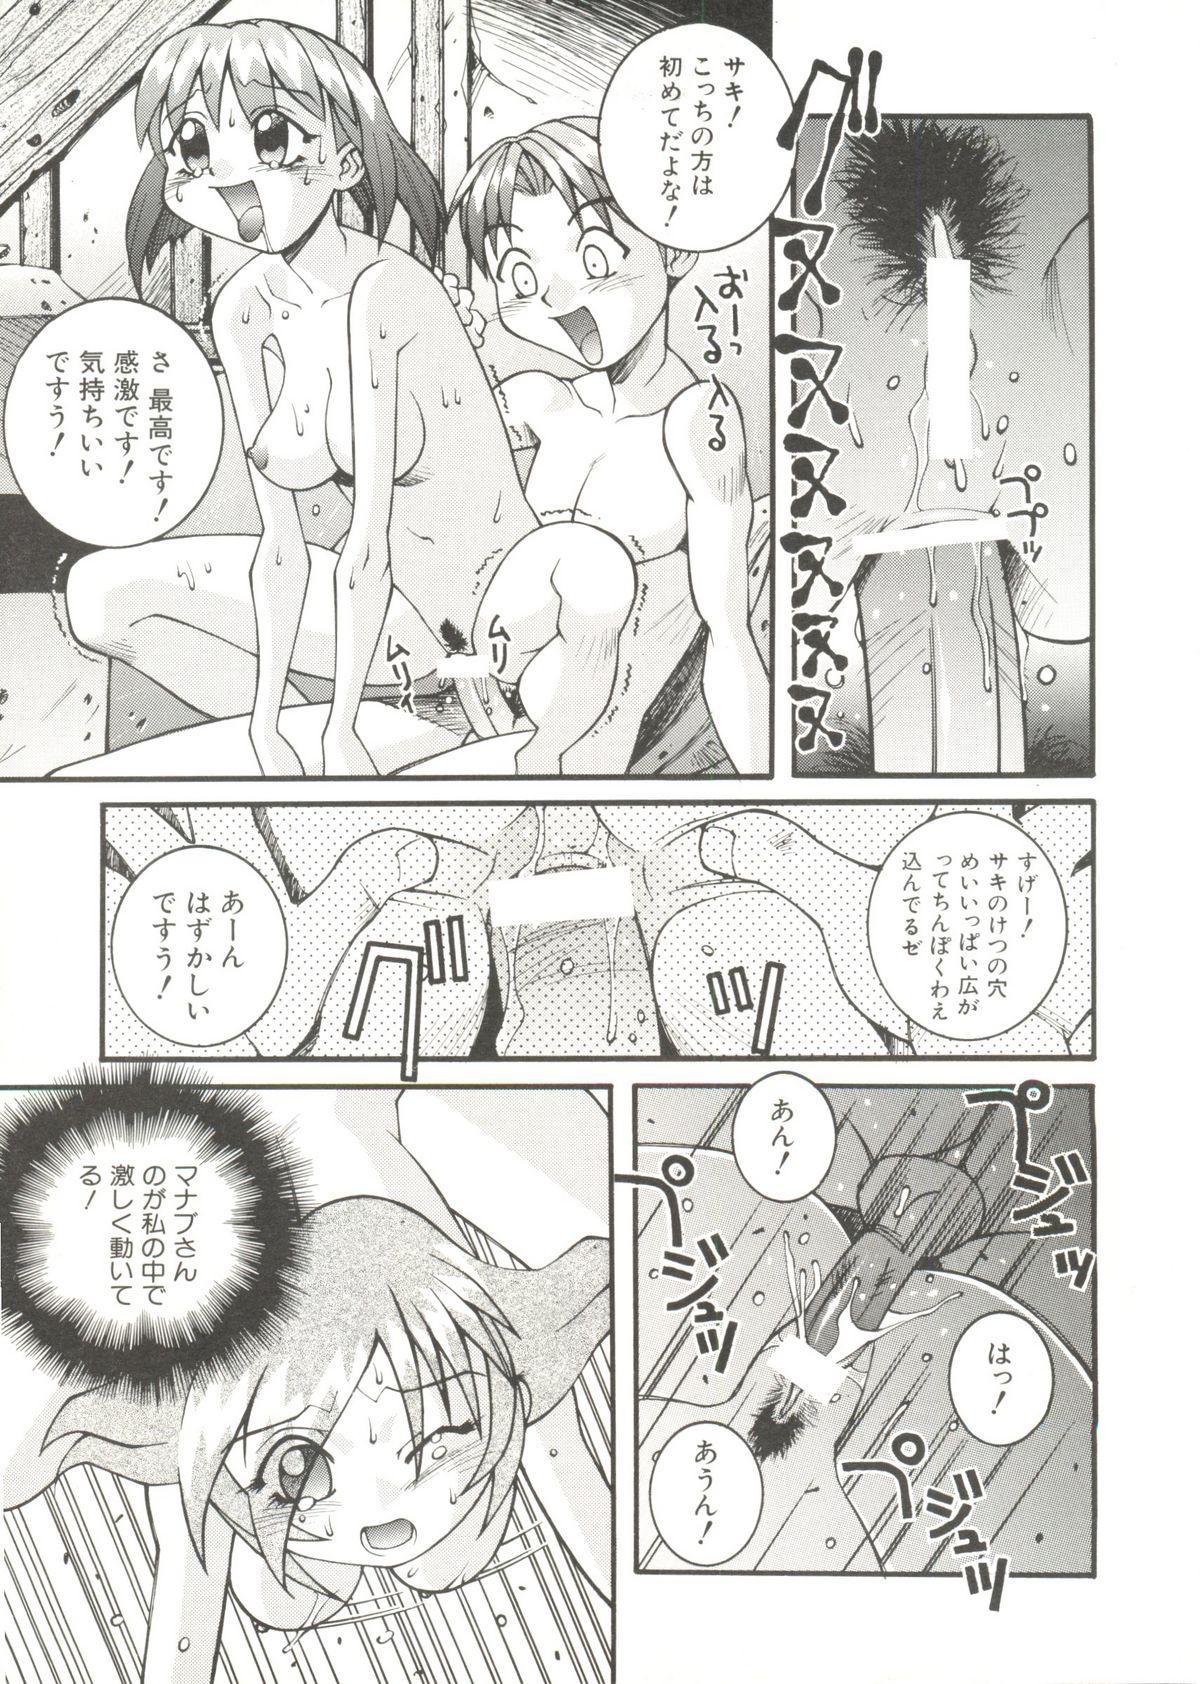 Denei Tamate Bako Bishoujo Doujinshi Anthology Vol. 2 - Nishinhou no Tenshi 100